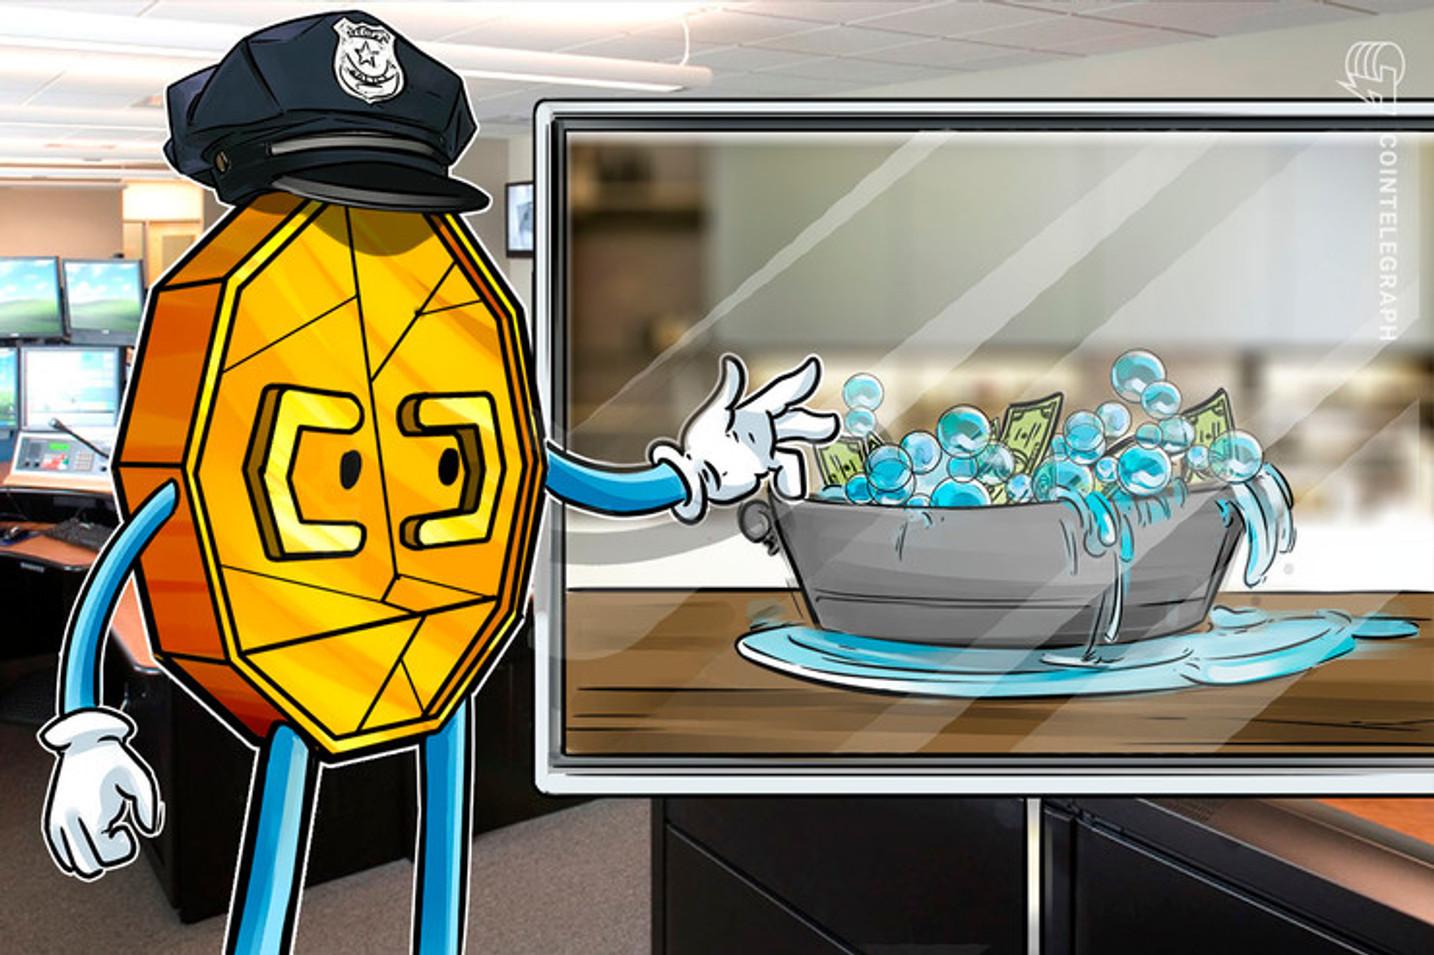 Portugal muda normas para setor imobiliário contra lavagem de dinheiro e mira criptomoedas